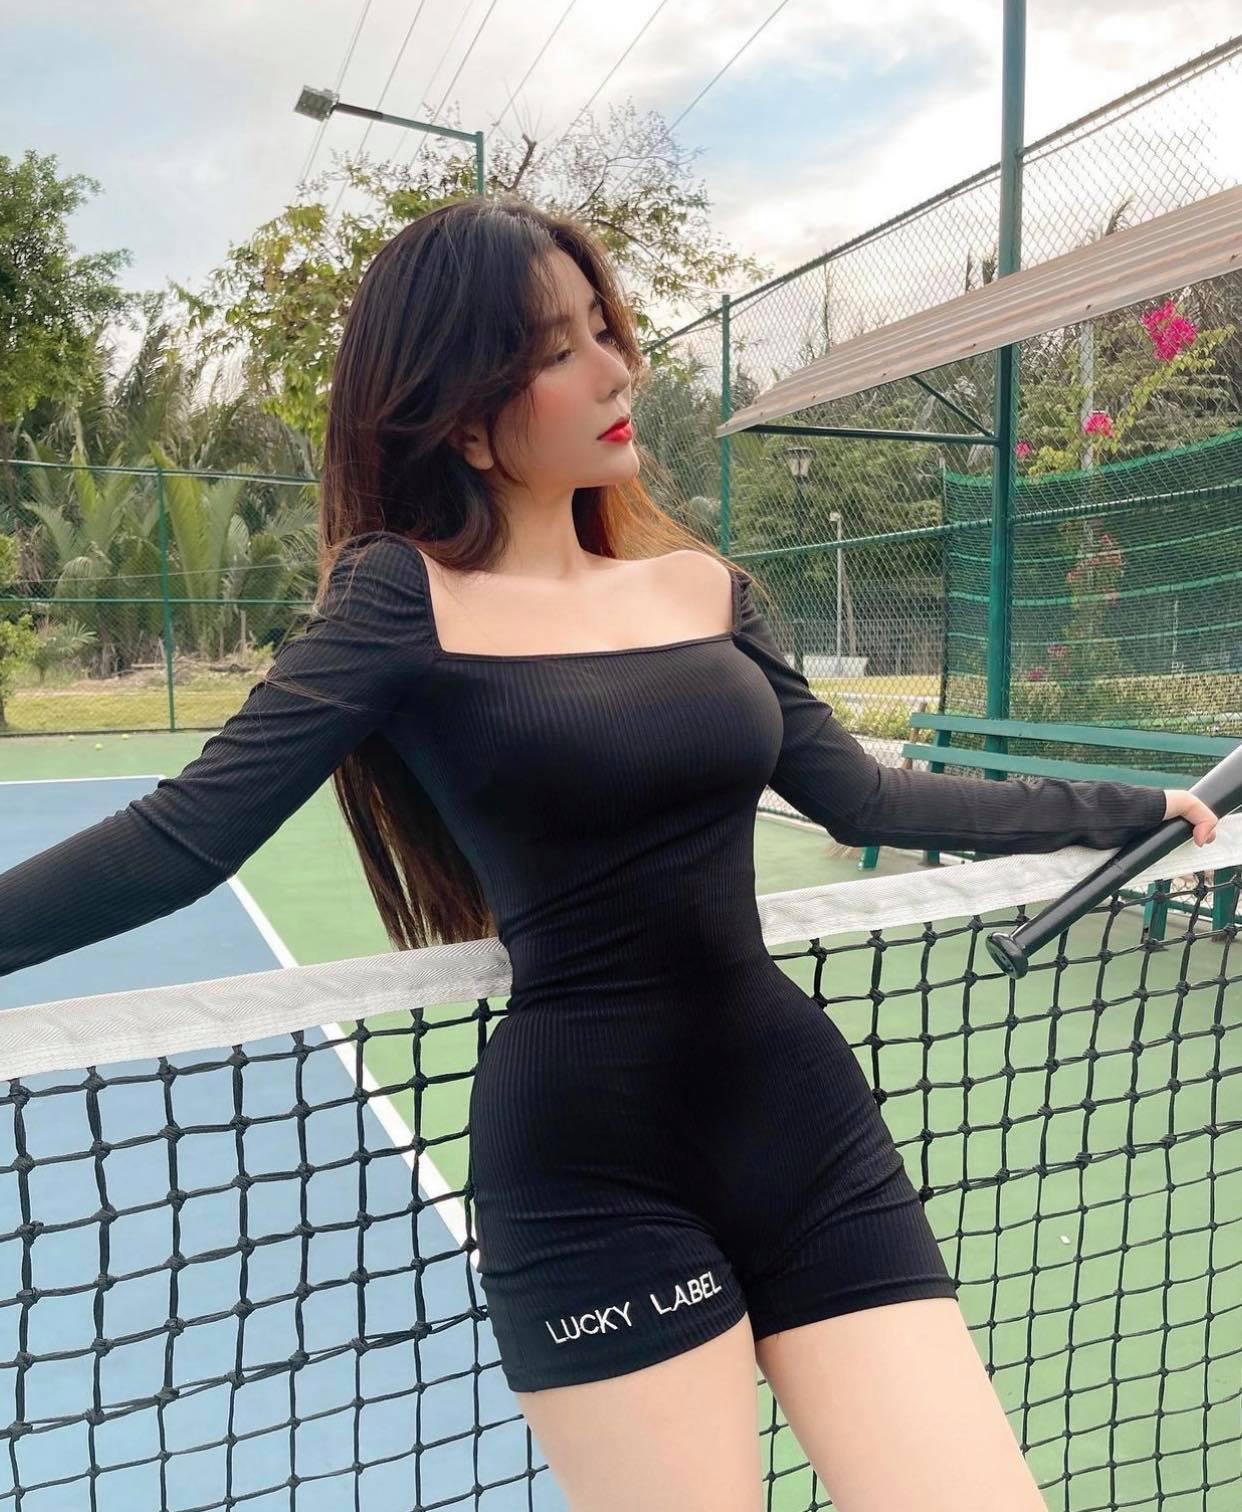 Nữ sinh hot nhất Sài thành chuyên diện đồ ôm siêu ngắn ra sân môn thể thao nhà giàu - hình ảnh 3